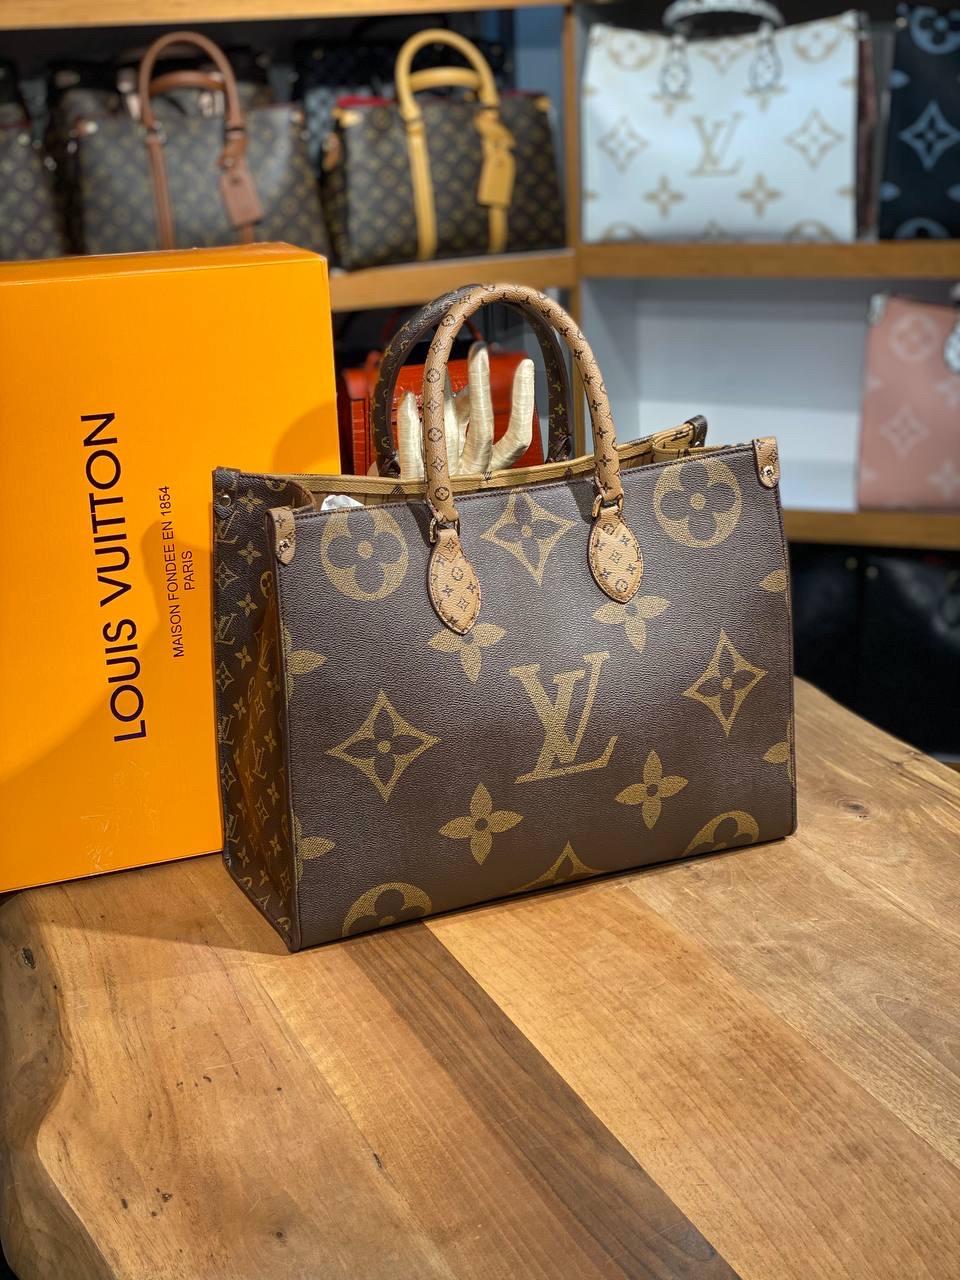 Сумка женская Louis Vuitton\двухстороняя\натуральня канва\сумка в стиле луи витон (люкс копия)